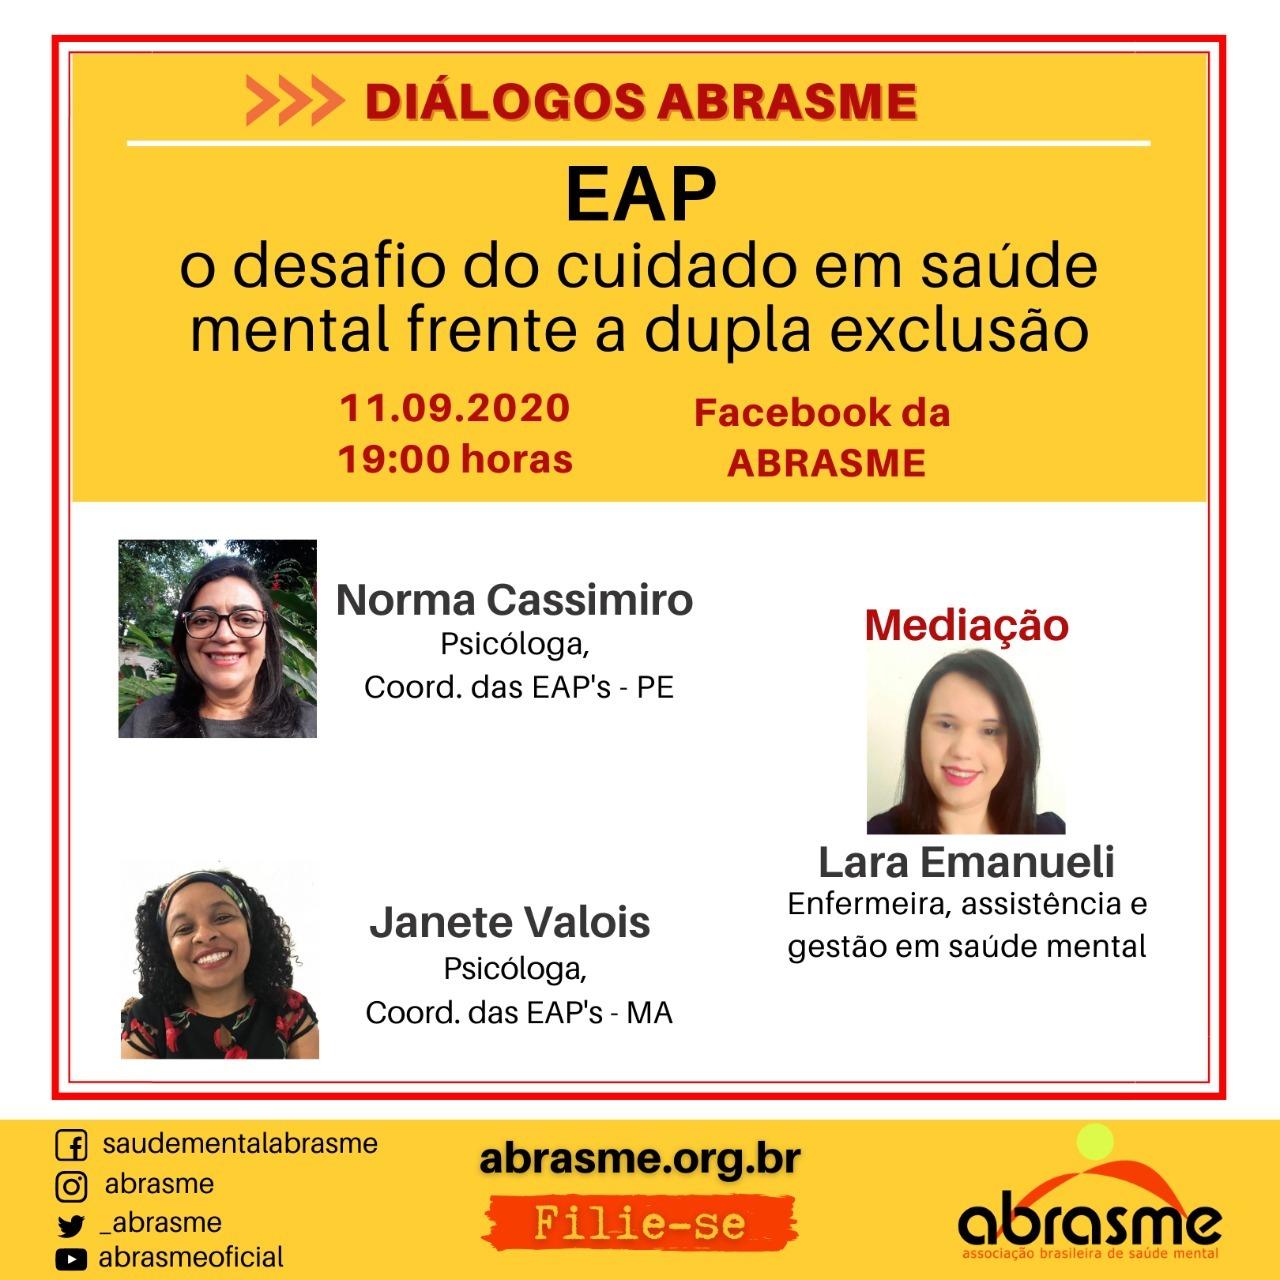 Diálogos ABRASME - EAP: o desafio do cuidado em saúde mental frente a dupla exclusão